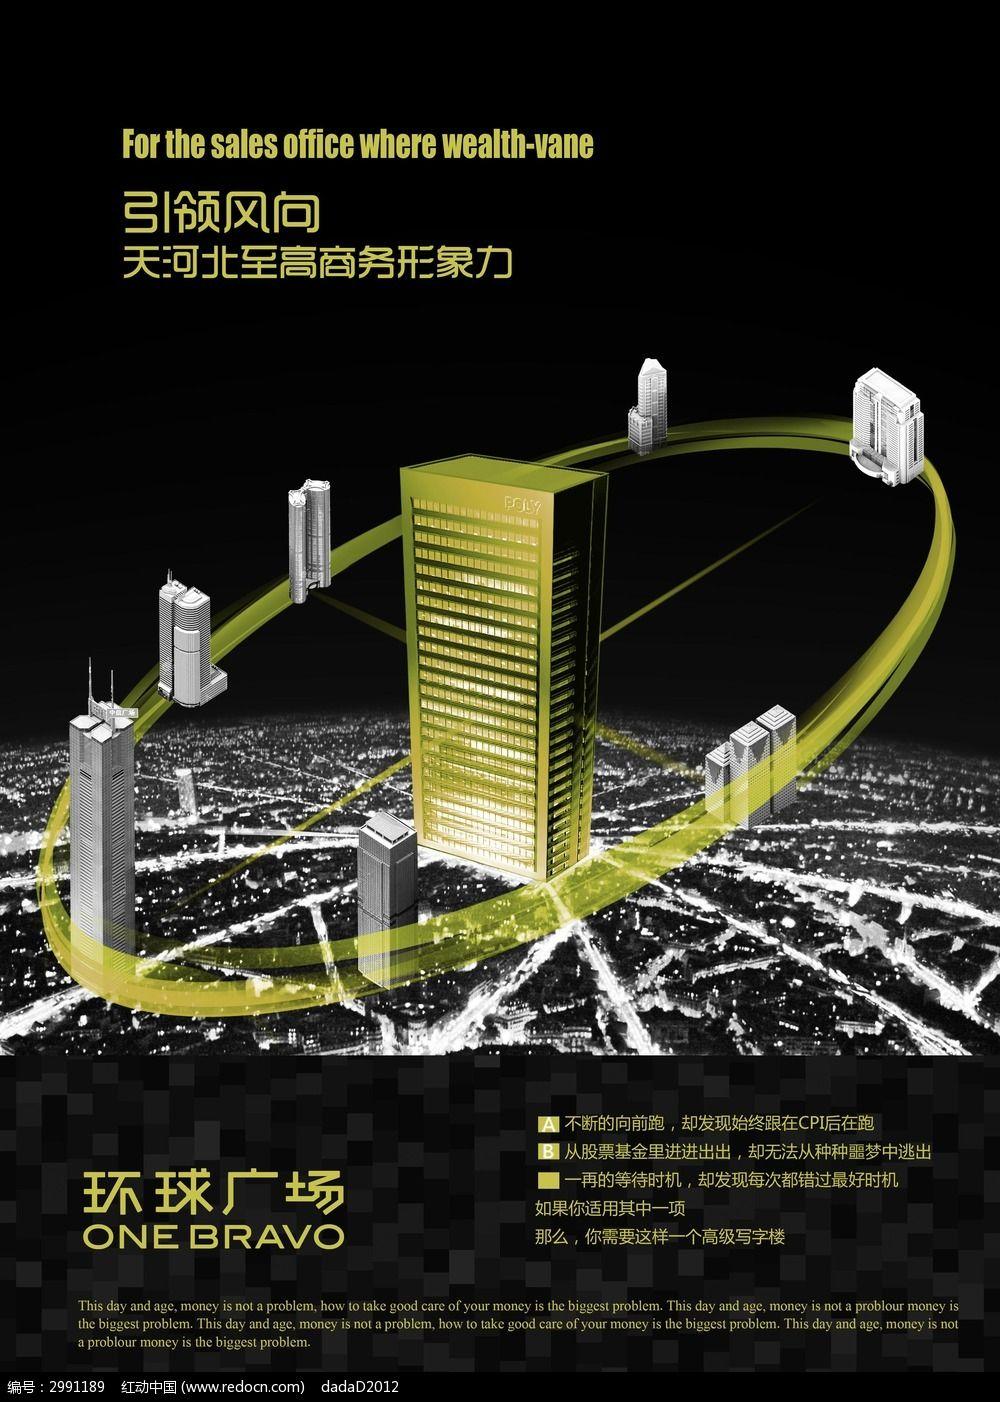 欧式 豪华 奢华房地产海报 别墅广告 洋房广告 高层 高端项目  房地产